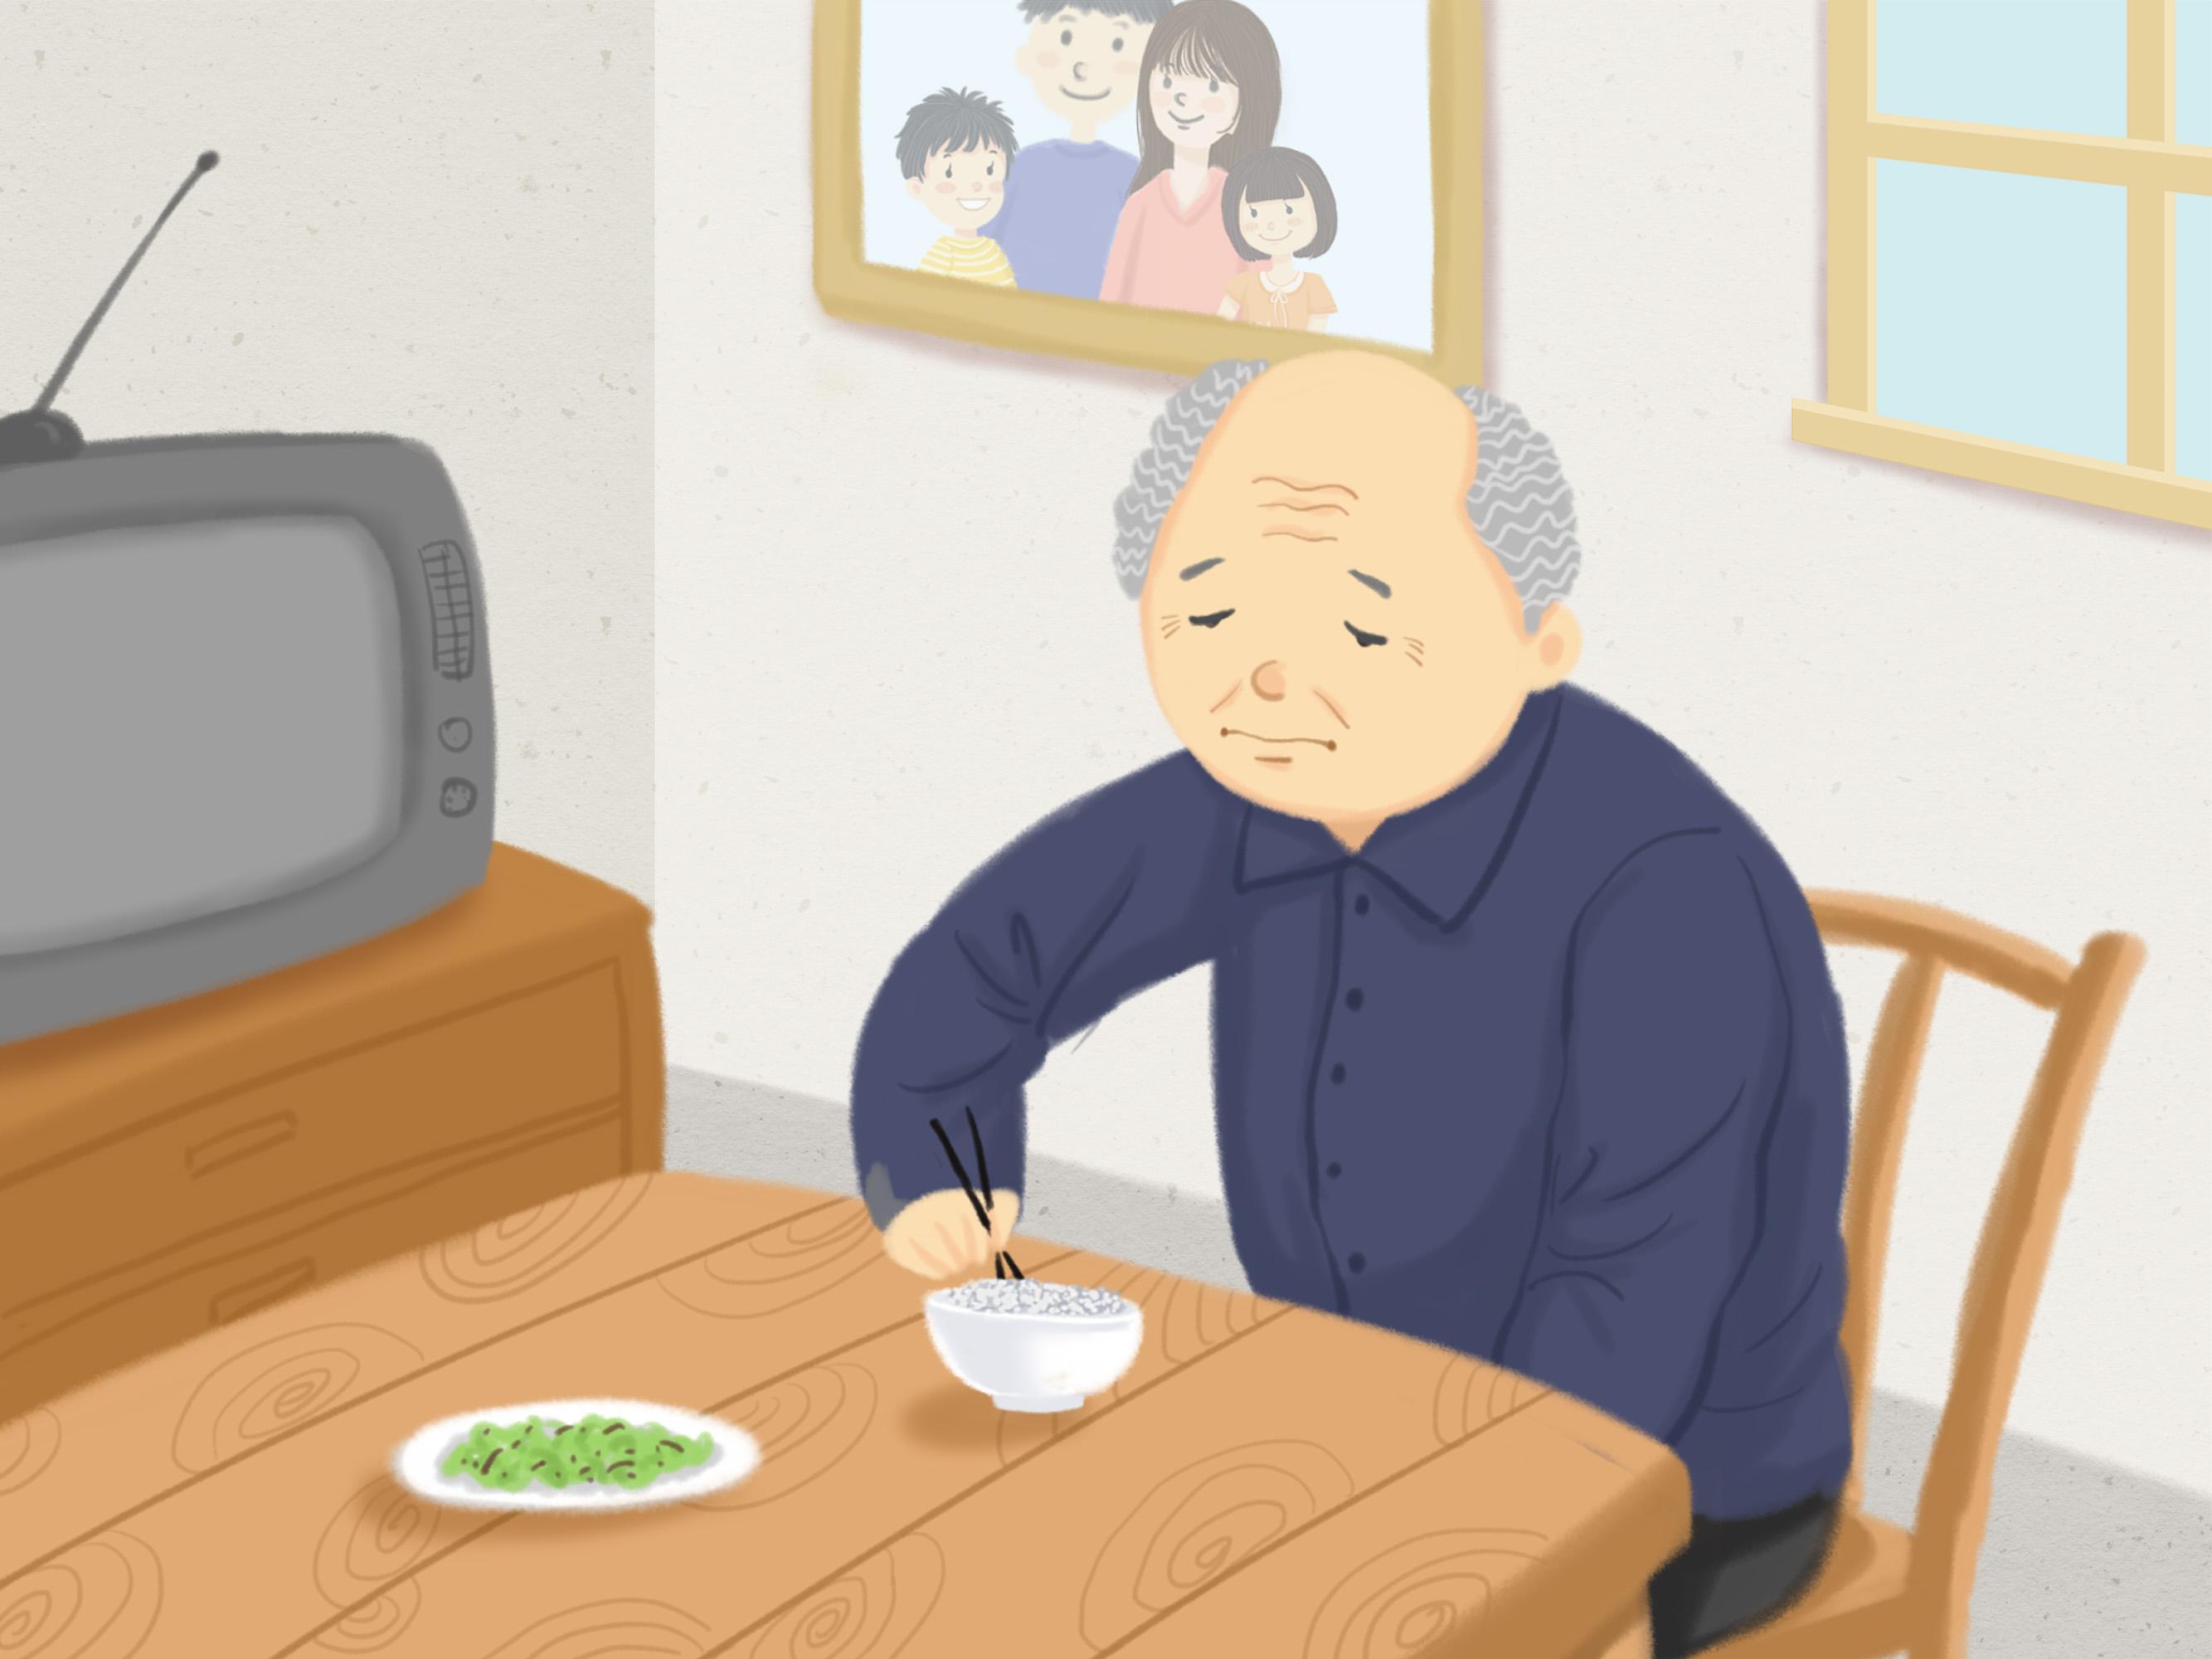 男人保养抗衰老吃什么?这些食物可以了解一下